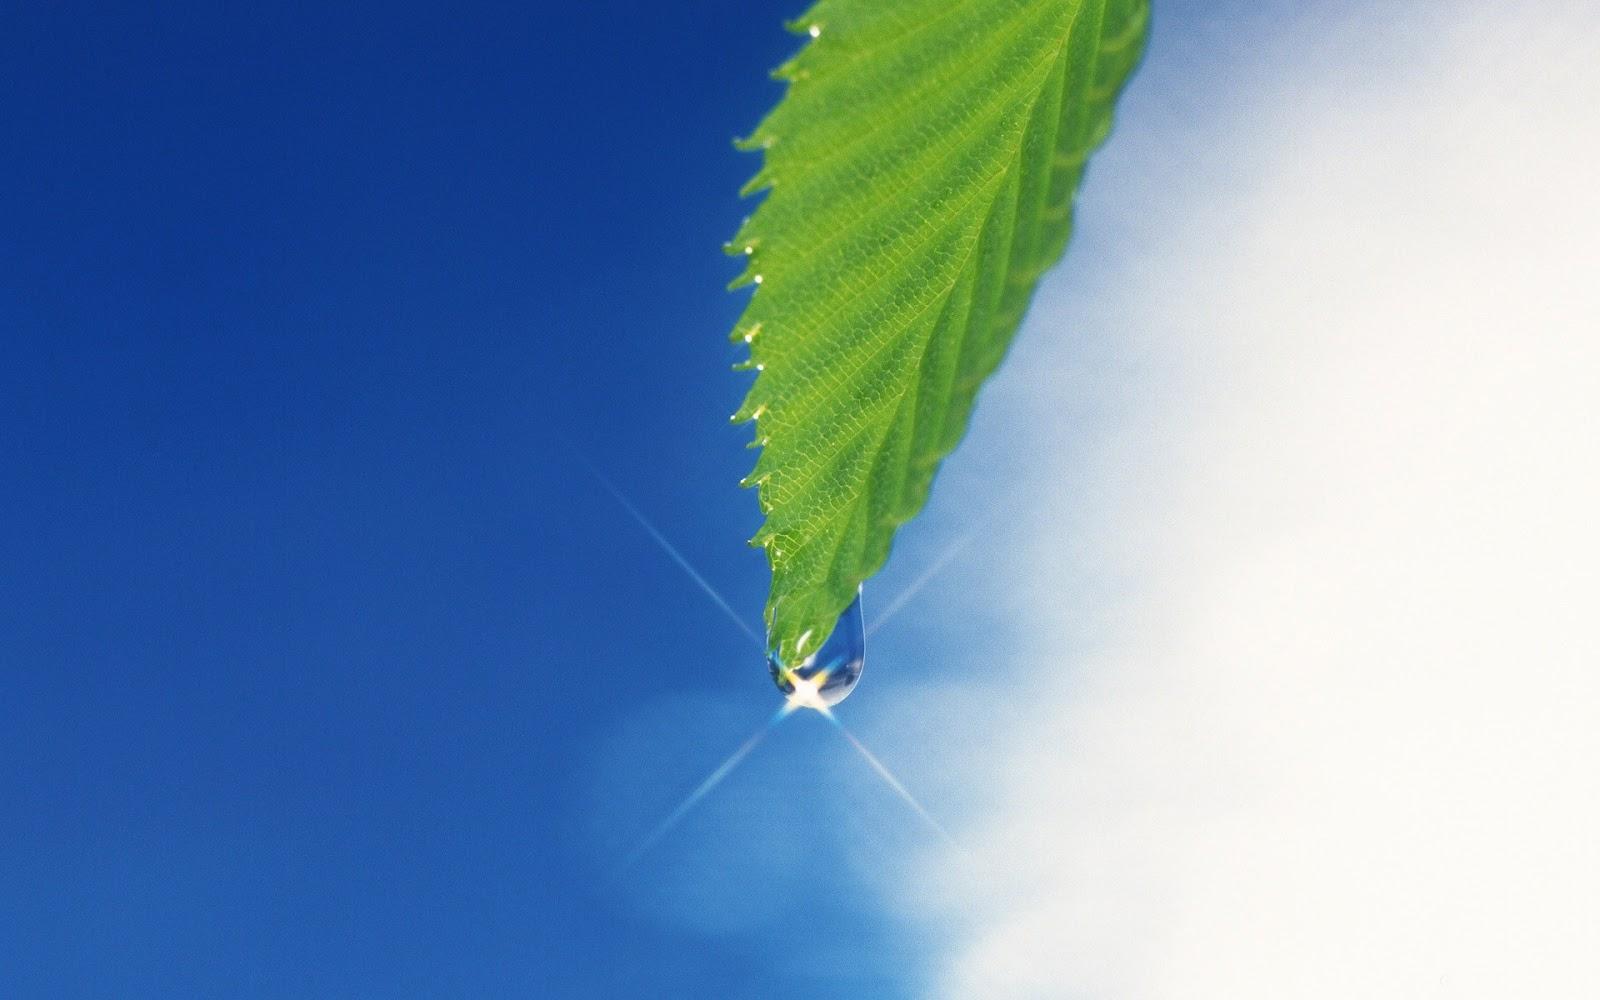 hình nền giọt sương đọng trên lá vào sáng sớm